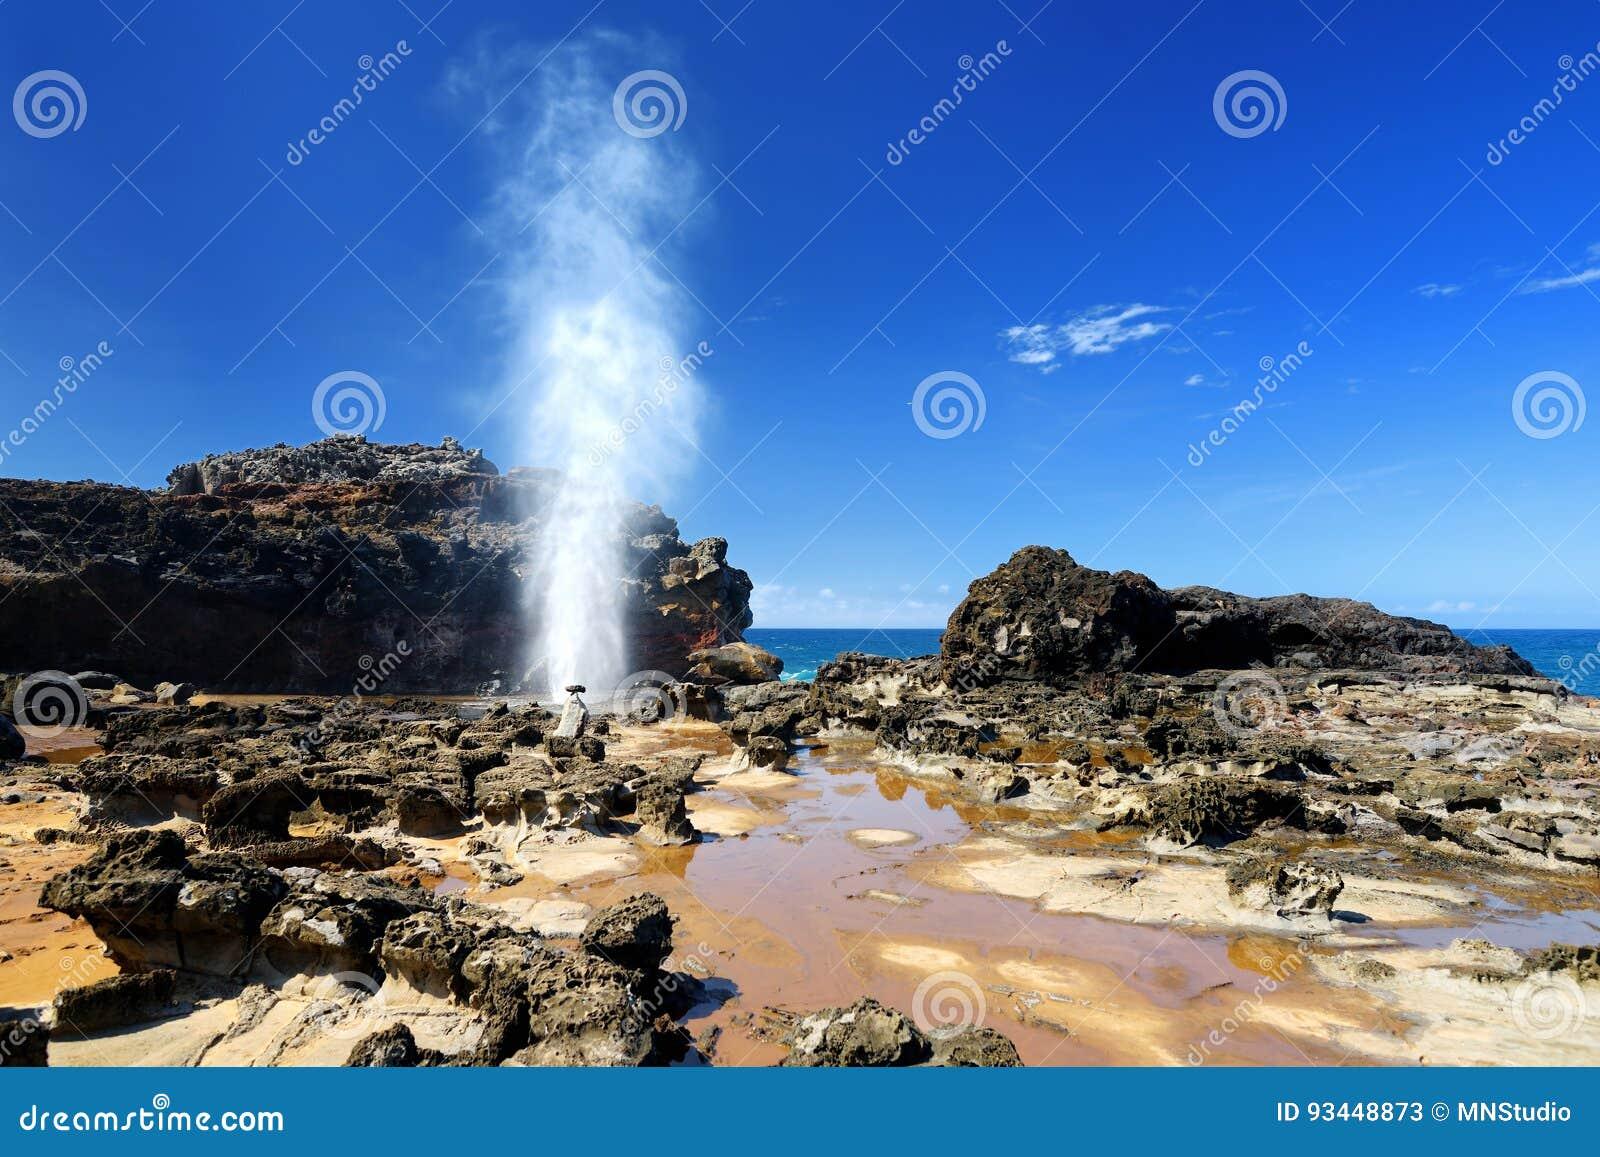 Toeristen die de Nakalele-gietgal op de kustlijn van Maui bewonderen Een straal van water en lucht wordt hevig binnen gedwongen u